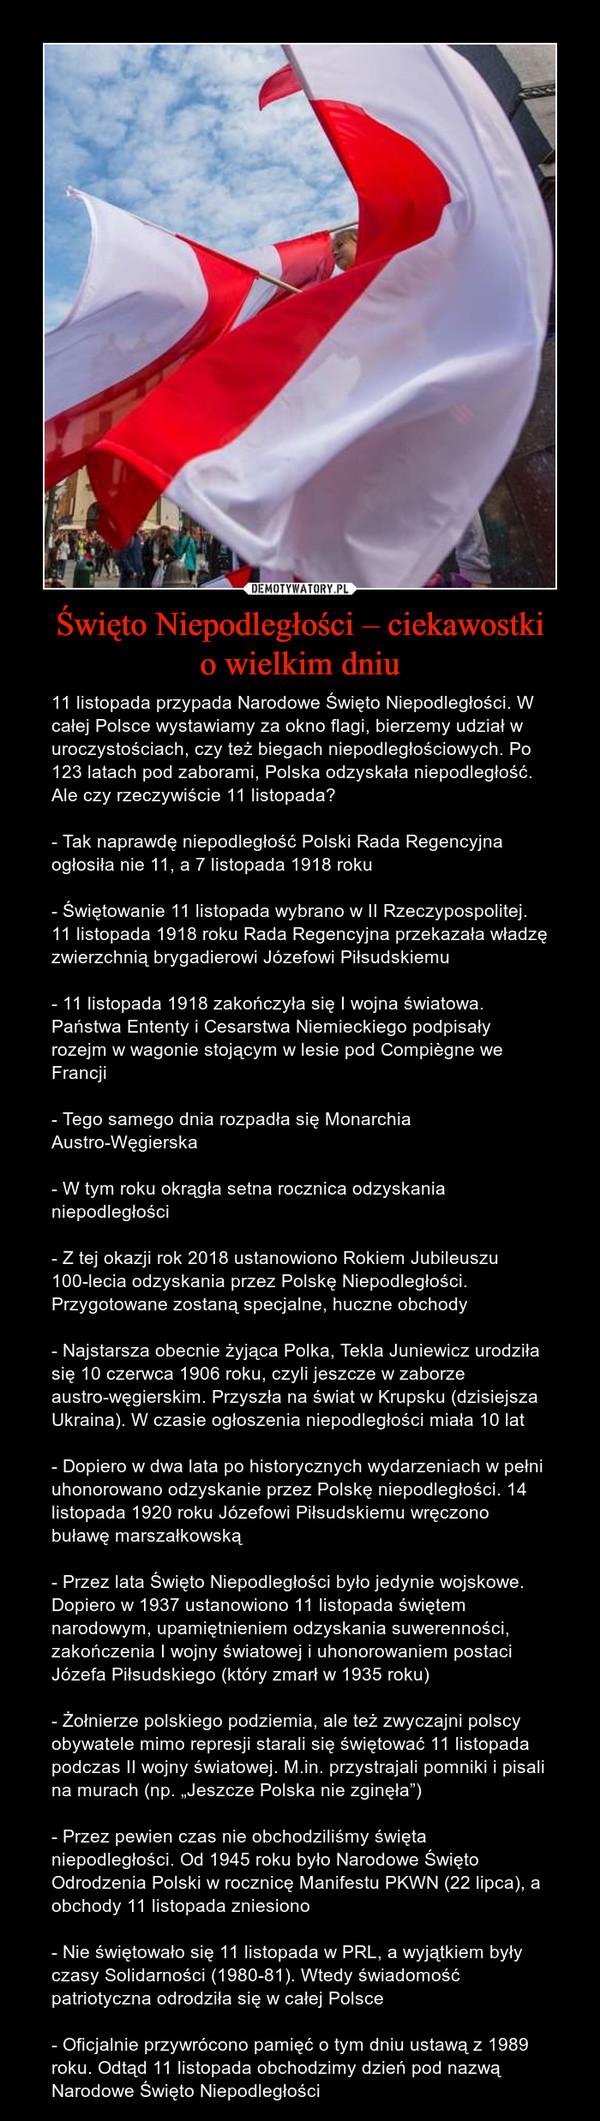 """Święto Niepodległości – ciekawostkio wielkim dniu – 11 listopada przypada Narodowe Święto Niepodległości. W całej Polsce wystawiamy za okno flagi, bierzemy udział w uroczystościach, czy też biegach niepodległościowych. Po 123 latach pod zaborami, Polska odzyskała niepodległość. Ale czy rzeczywiście 11 listopada? - Tak naprawdę niepodległość Polski Rada Regencyjna ogłosiła nie 11, a 7 listopada 1918 roku- Świętowanie 11 listopada wybrano w II Rzeczypospolitej. 11 listopada 1918 roku Rada Regencyjna przekazała władzę zwierzchnią brygadierowi Józefowi Piłsudskiemu- 11 listopada 1918 zakończyła się I wojna światowa. Państwa Ententy i Cesarstwa Niemieckiego podpisały rozejm w wagonie stojącym w lesie pod Compiègne we Francji- Tego samego dnia rozpadła się Monarchia Austro-Węgierska- W tym roku okrągła setna rocznica odzyskania niepodległości- Z tej okazji rok 2018 ustanowiono Rokiem Jubileuszu 100-lecia odzyskania przez Polskę Niepodległości. Przygotowane zostaną specjalne, huczne obchody- Najstarsza obecnie żyjąca Polka, Tekla Juniewicz urodziła się 10 czerwca 1906 roku, czyli jeszcze w zaborze austro-węgierskim. Przyszła na świat w Krupsku (dzisiejsza Ukraina). W czasie ogłoszenia niepodległości miała 10 lat- Dopiero w dwa lata po historycznych wydarzeniach w pełni uhonorowano odzyskanie przez Polskę niepodległości. 14 listopada 1920 roku Józefowi Piłsudskiemu wręczono buławę marszałkowską- Przez lata Święto Niepodległości było jedynie wojskowe. Dopiero w 1937 ustanowiono 11 listopada świętem narodowym, upamiętnieniem odzyskania suwerenności, zakończenia I wojny światowej i uhonorowaniem postaci Józefa Piłsudskiego (który zmarł w 1935 roku)- Żołnierze polskiego podziemia, ale też zwyczajni polscy obywatele mimo represji starali się świętować 11 listopada podczas II wojny światowej. M.in. przystrajali pomniki i pisali na murach (np. """"Jeszcze Polska nie zginęła"""")- Przez pewien czas nie obchodziliśmy święta niepodległości. Od 1945 roku było Narodowe Święto Odrodzenia Pols"""